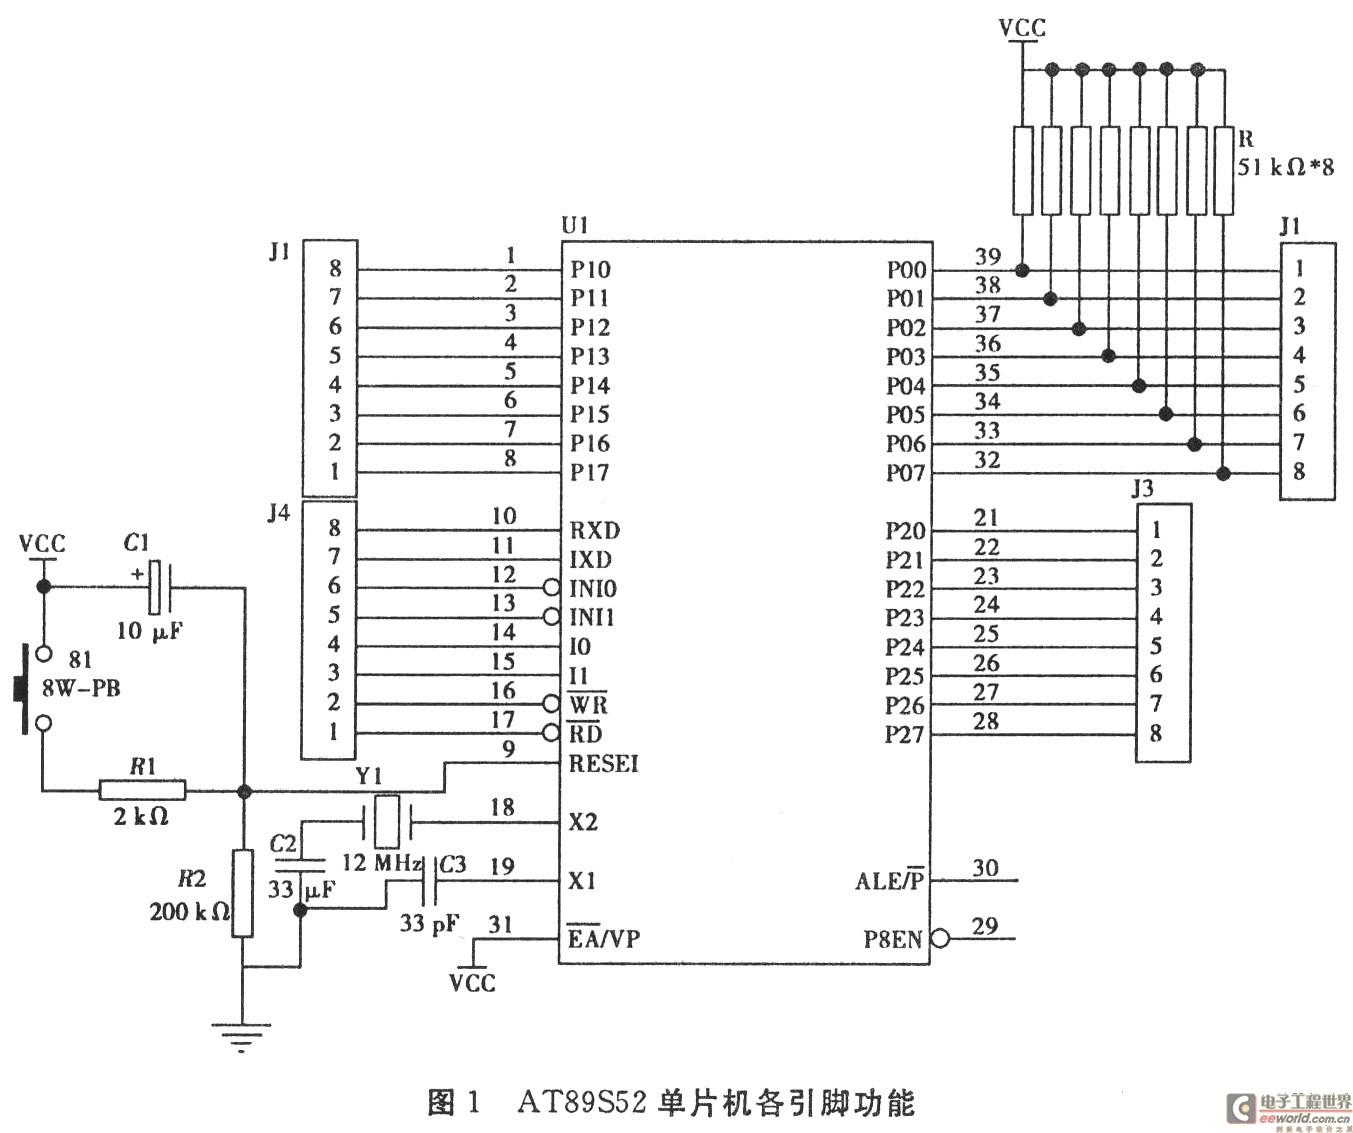 基于 AT89S52 的温湿度检测系统的设计